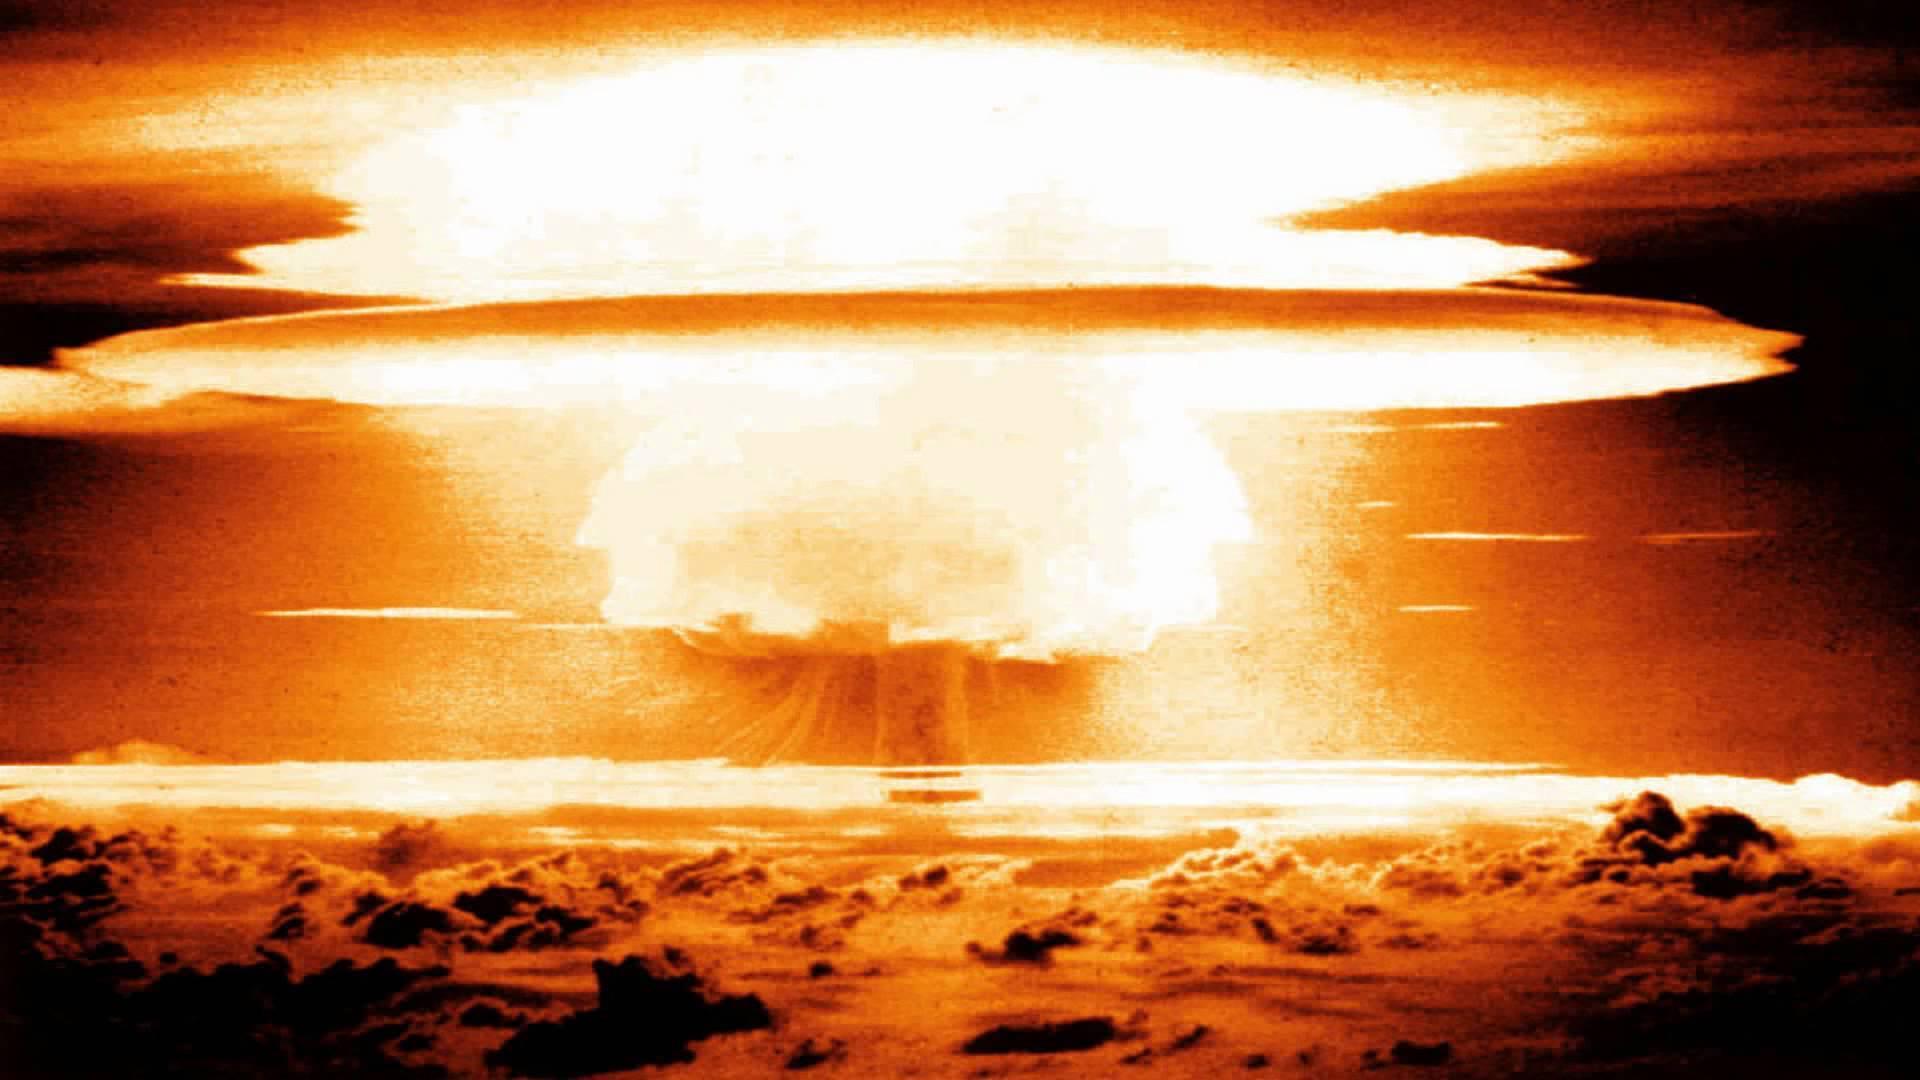 Siêu ngư lôi hạt nhân Nga có thể hủy diệt thành phố Mỹ?